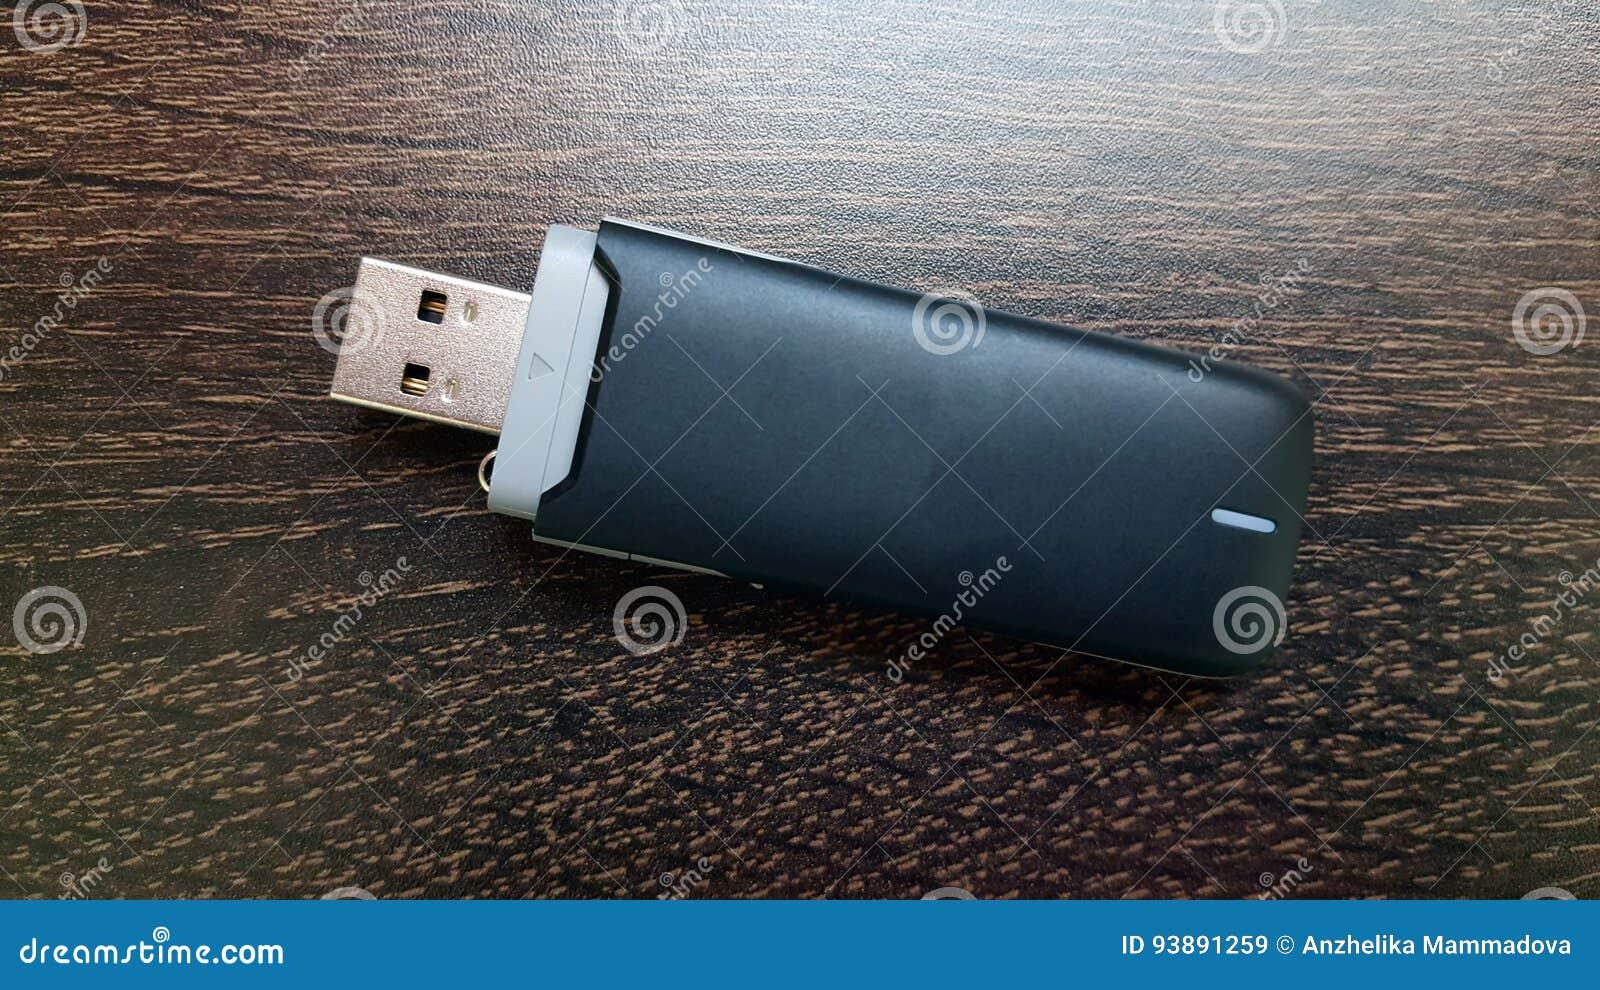 Czarny 3g usb bezprzewodowy mobilny modem